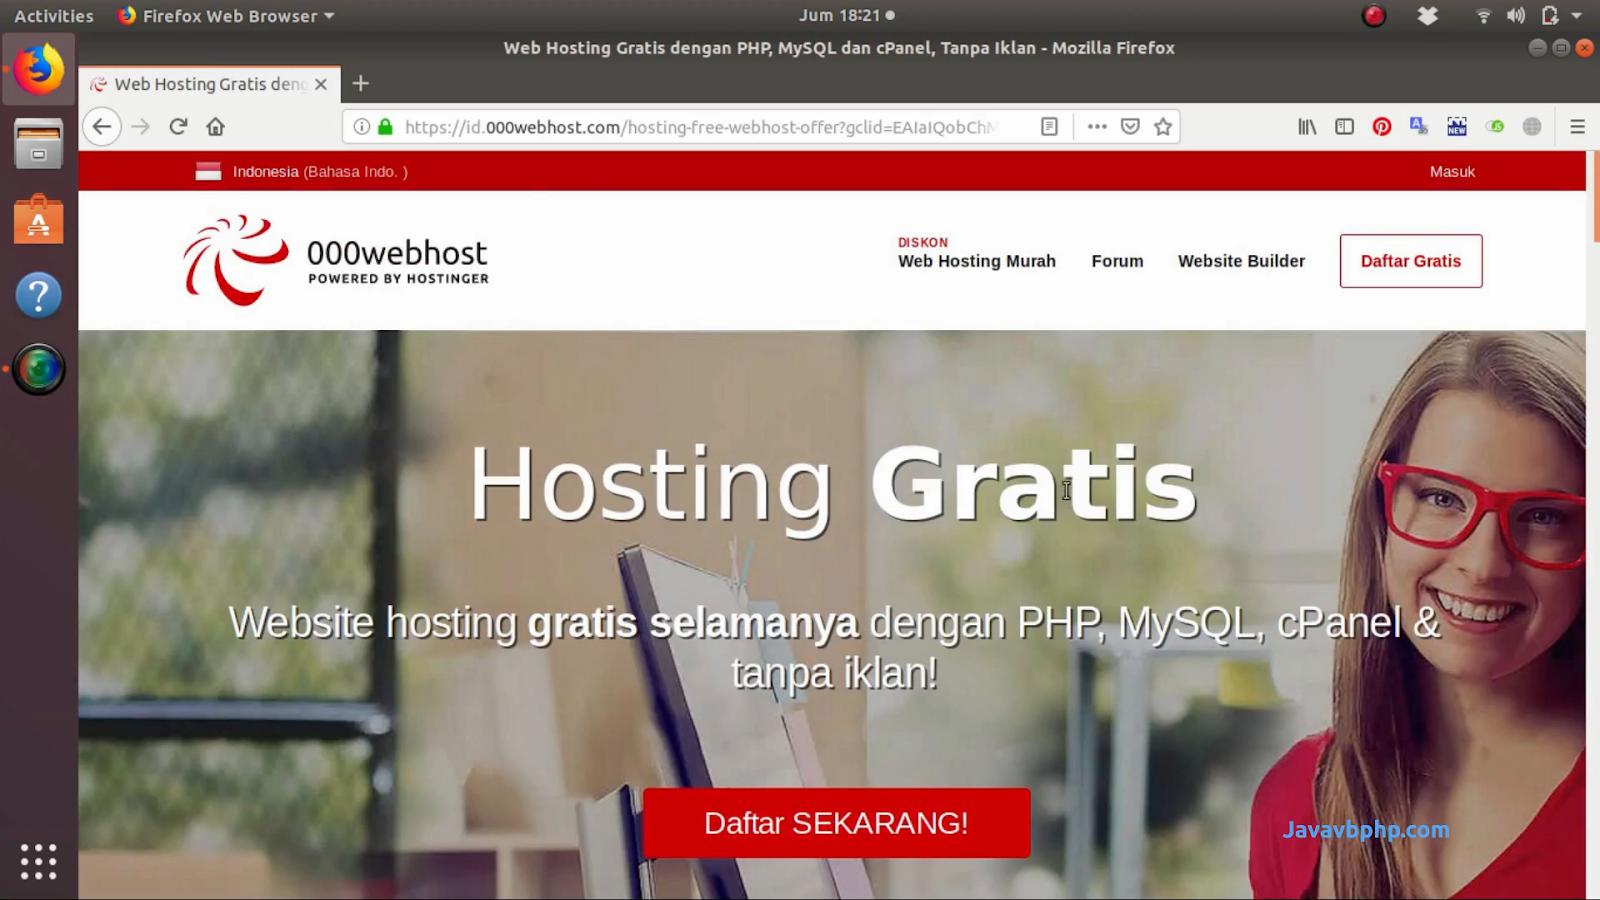 Domain Dan Hosting Gratis 000webhost.com